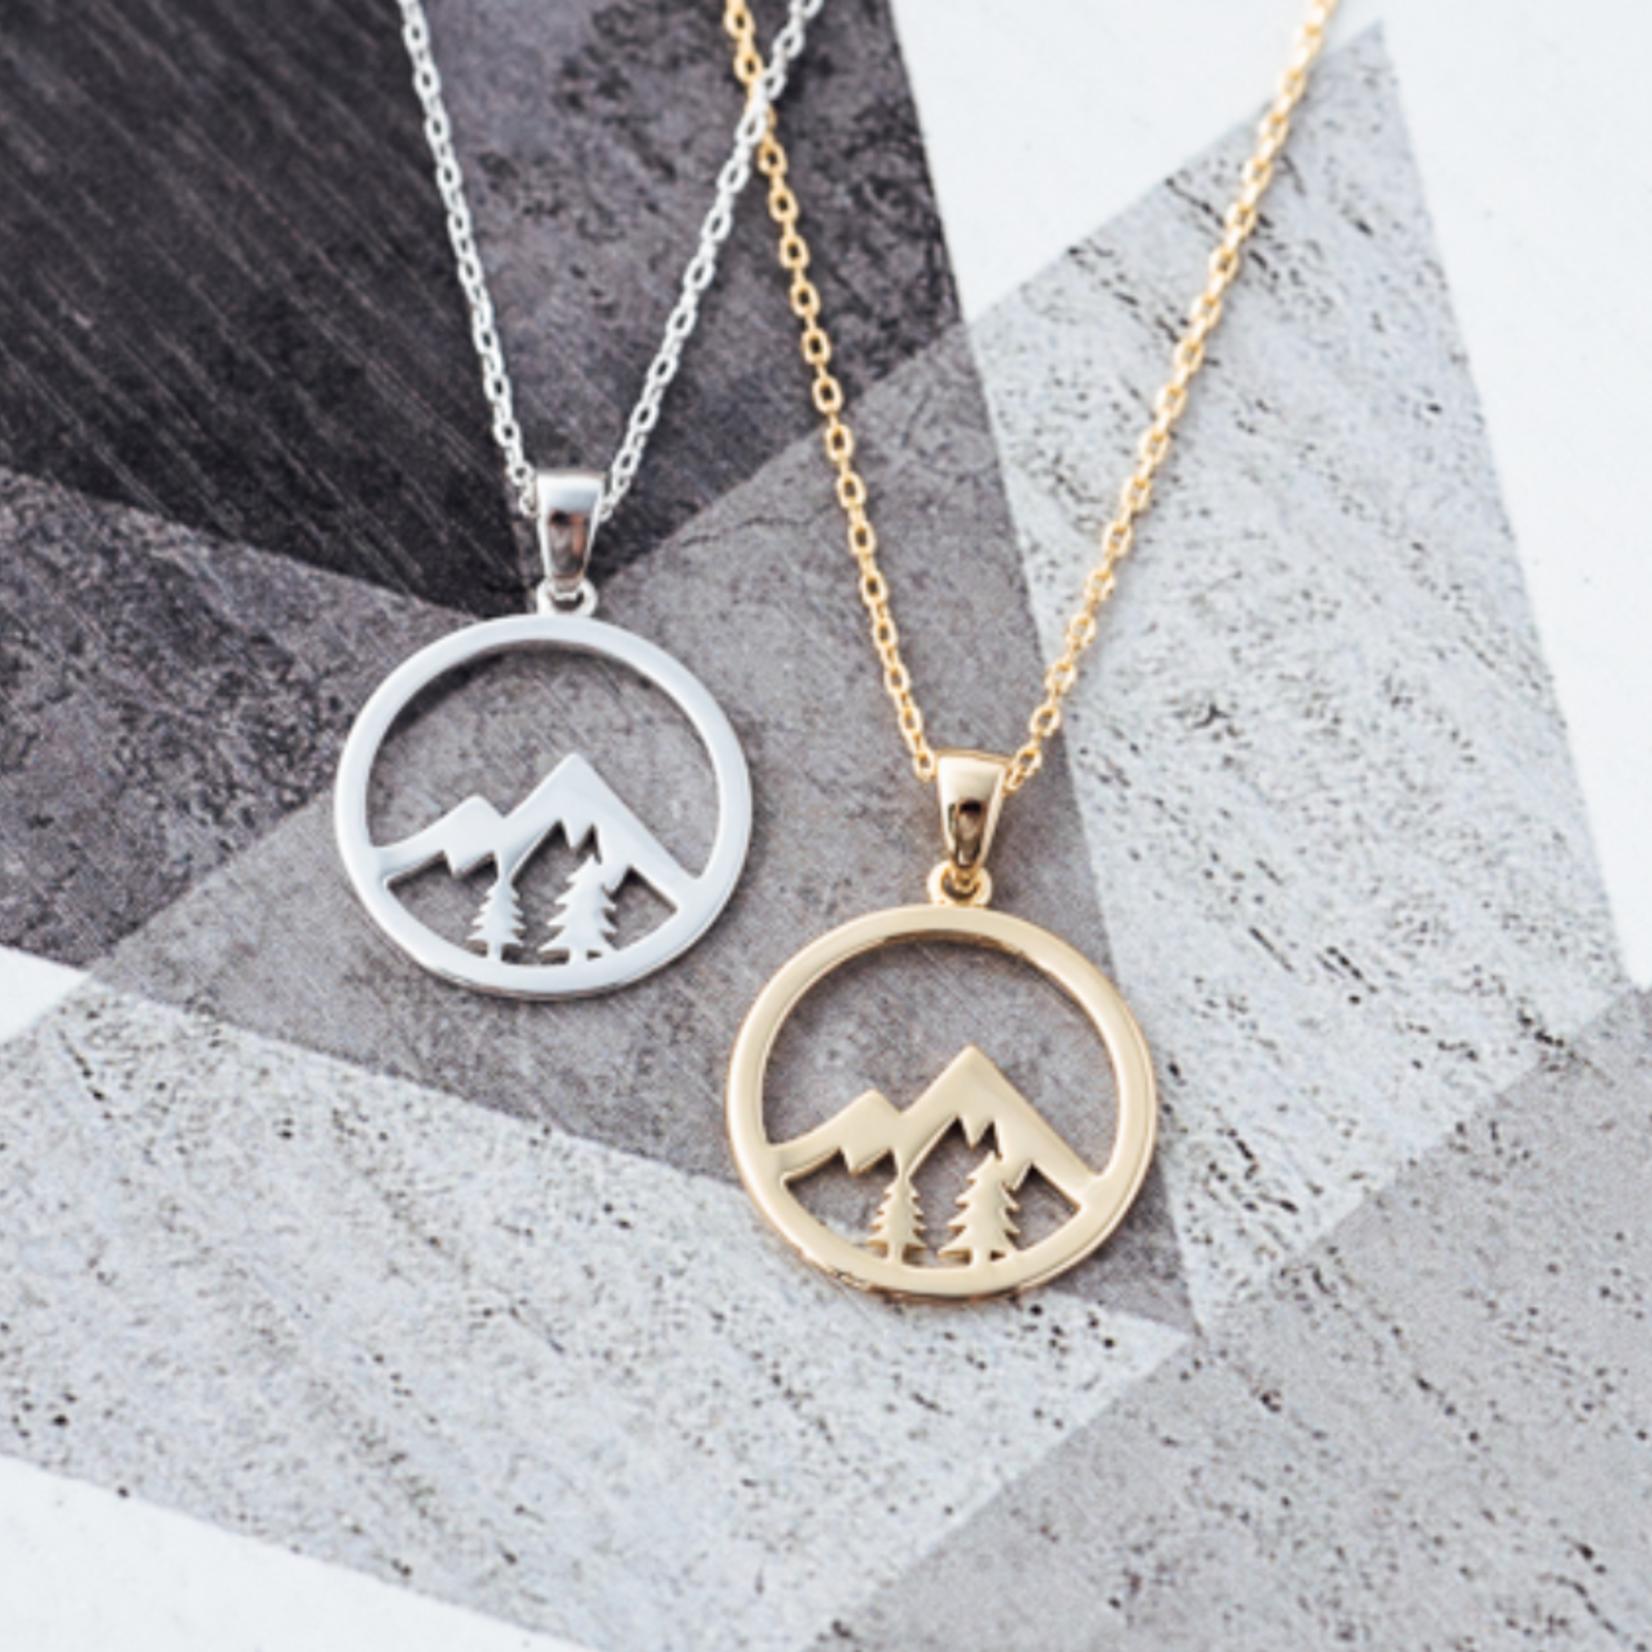 Whistler Pendant Necklace- Silver